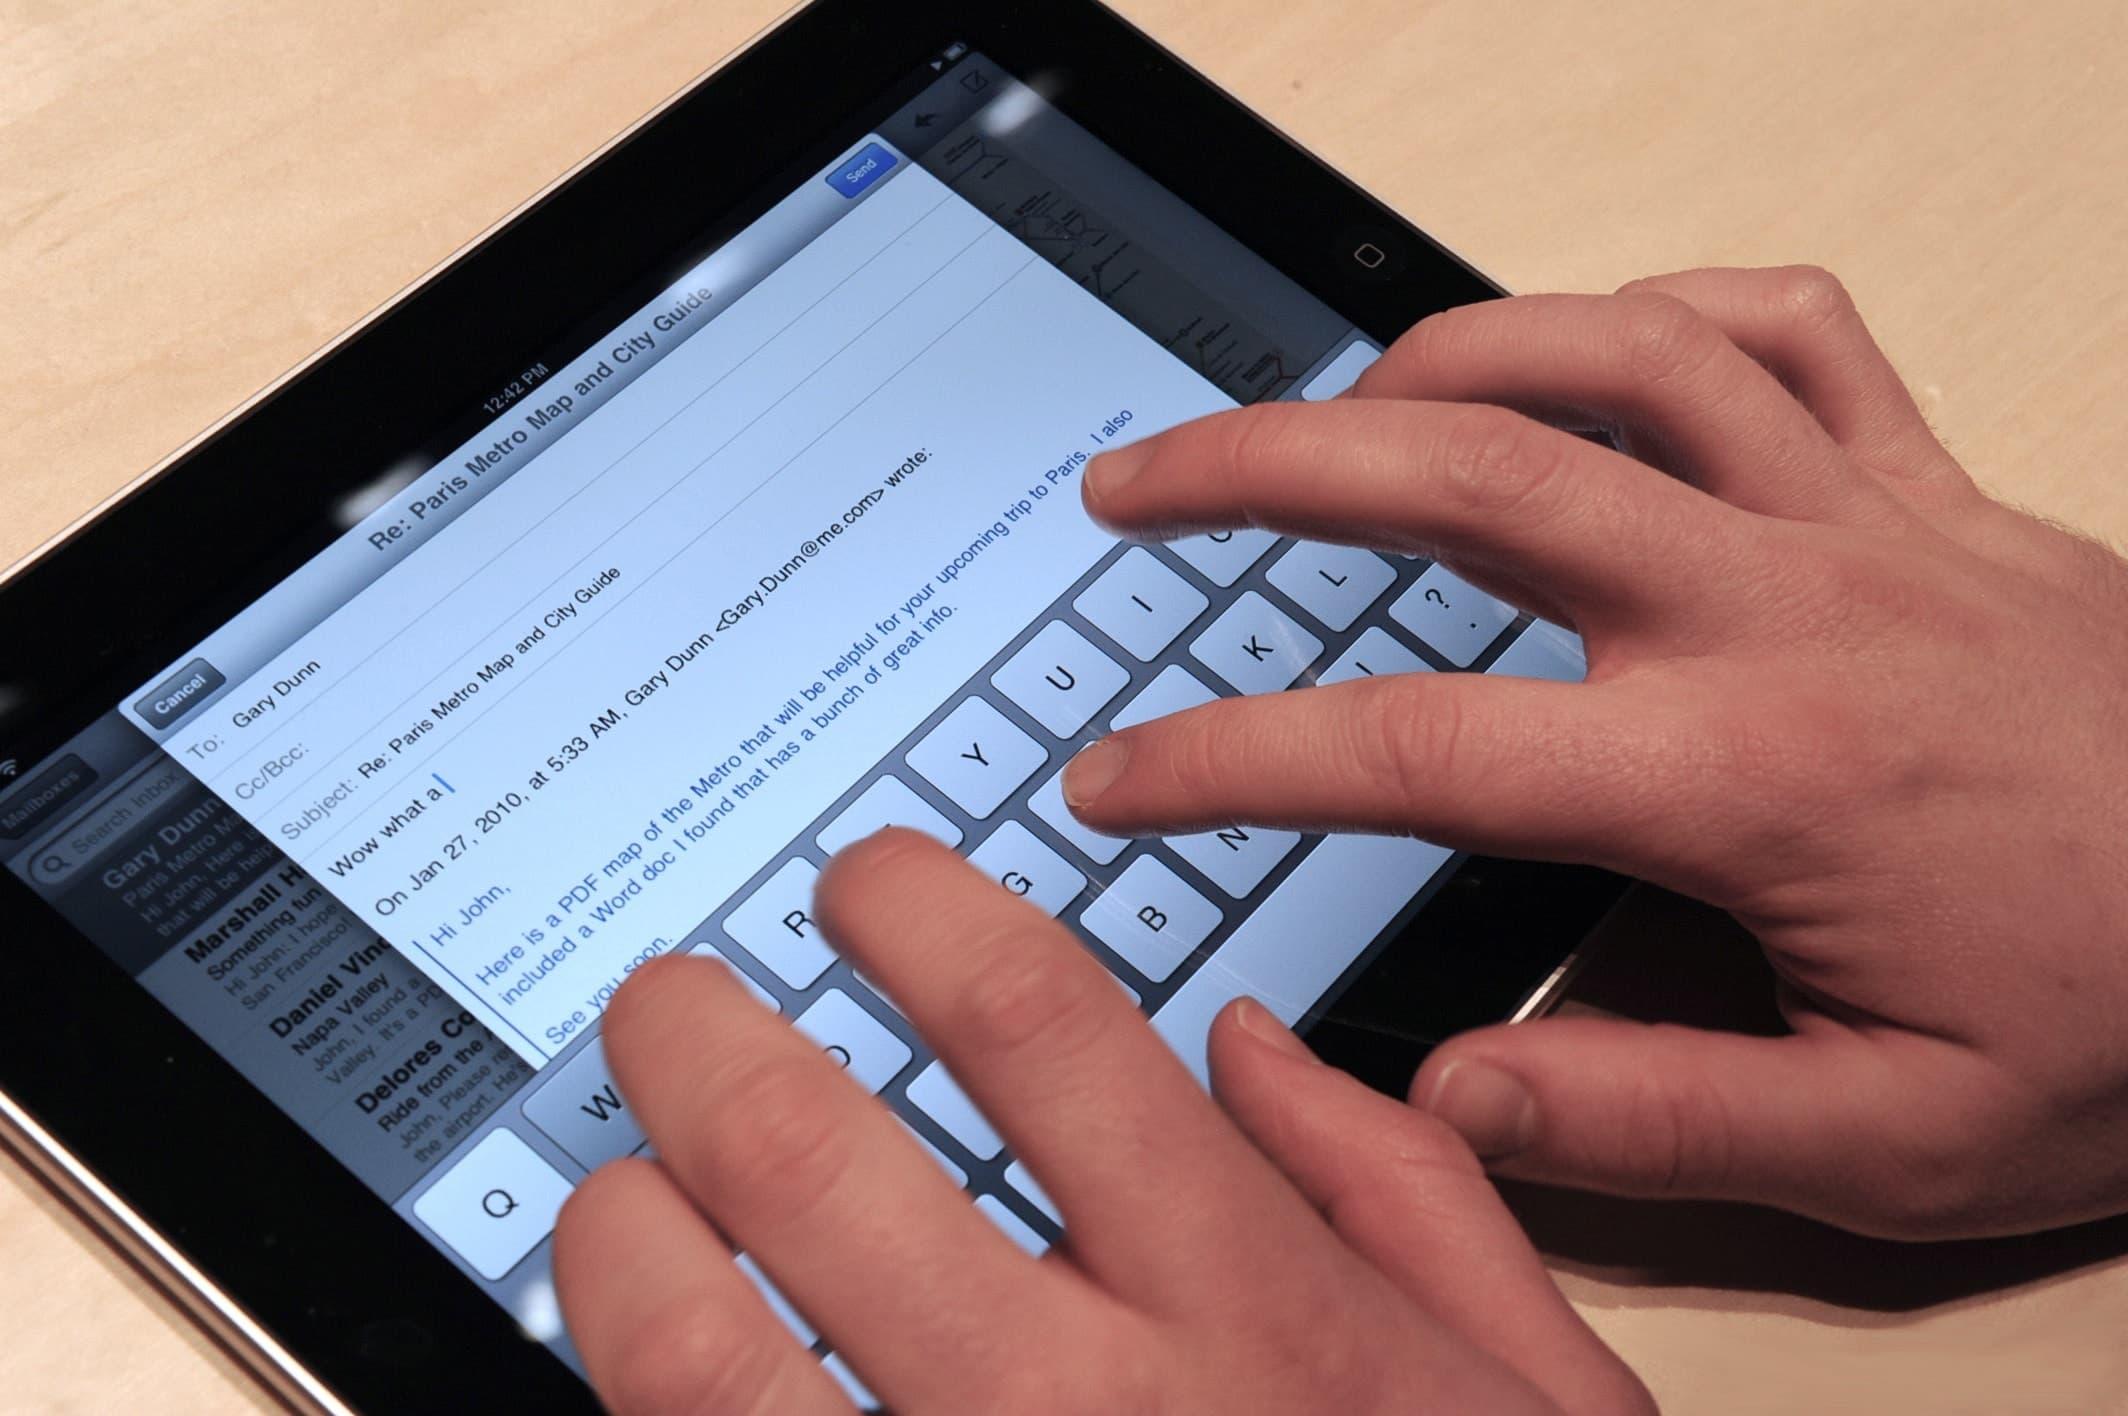 Les 10 meilleurs claviers Android et iOS